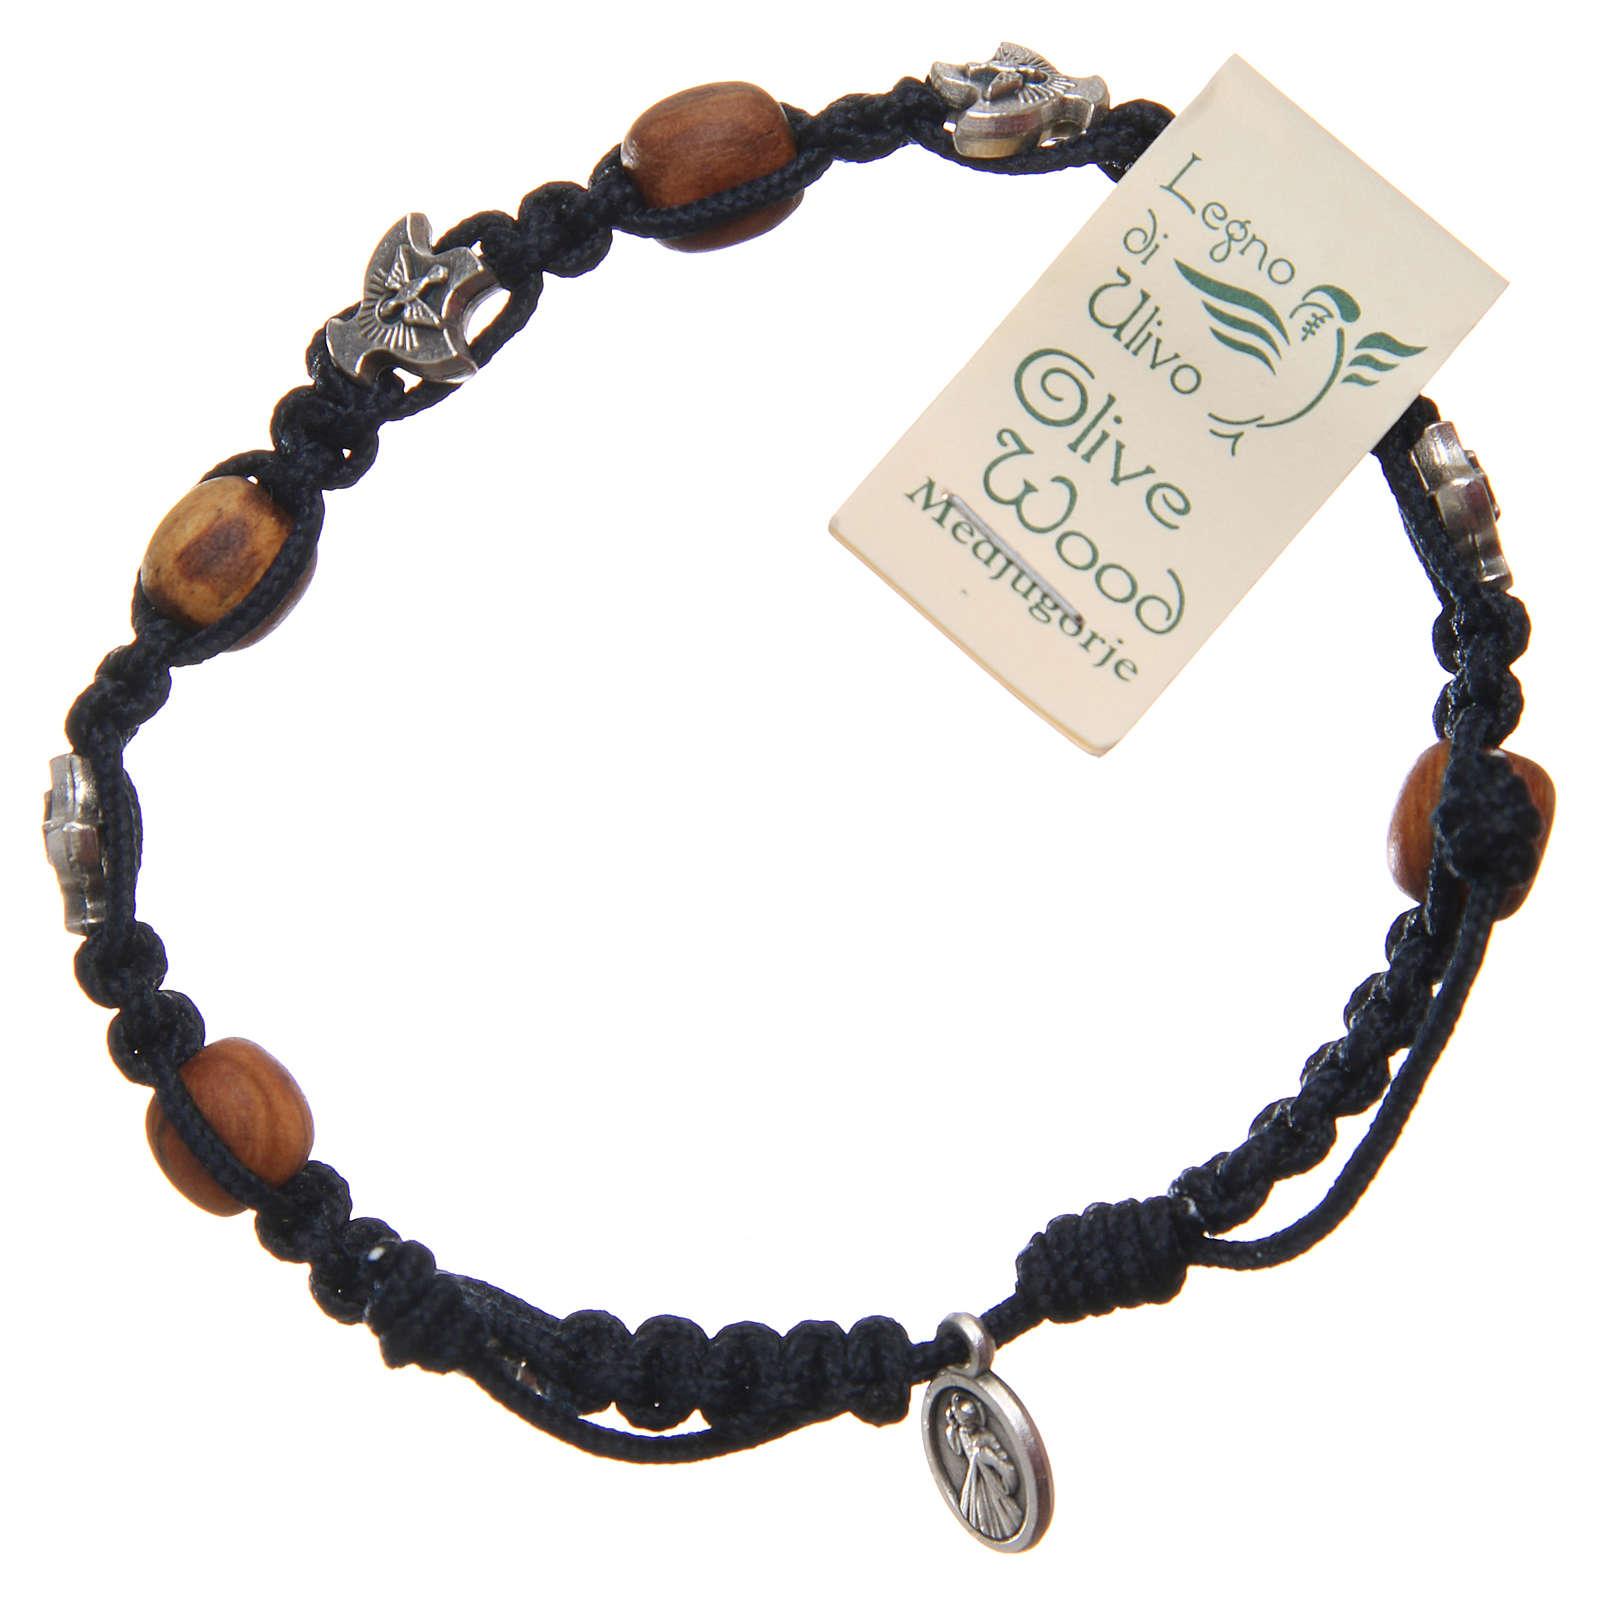 Bracelet Medjugorje blue rope and olive wood 4